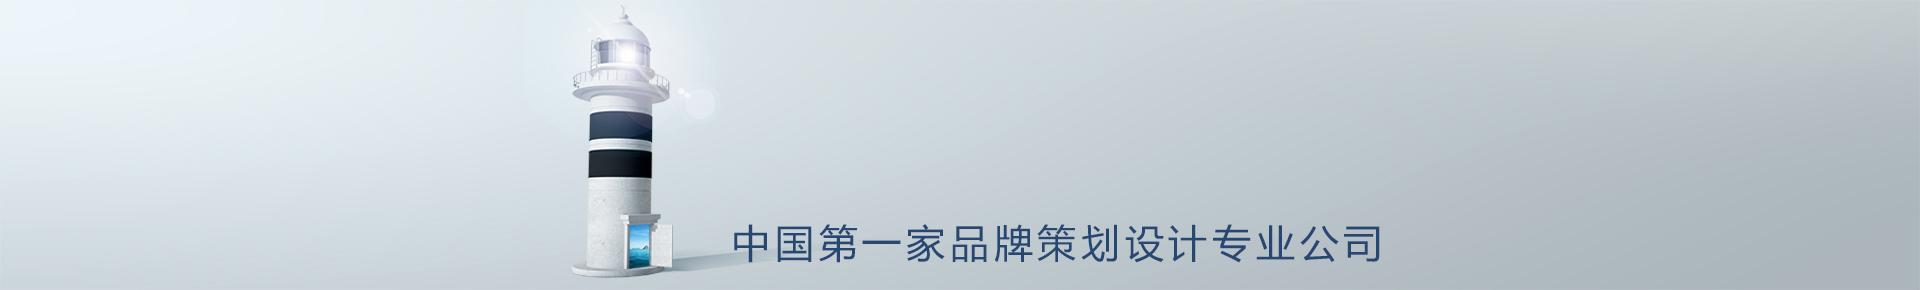 裕鑫丰光电_卓纳品牌策划设计公司 [官方网站] 深圳广告公司 深圳设计公司 ...